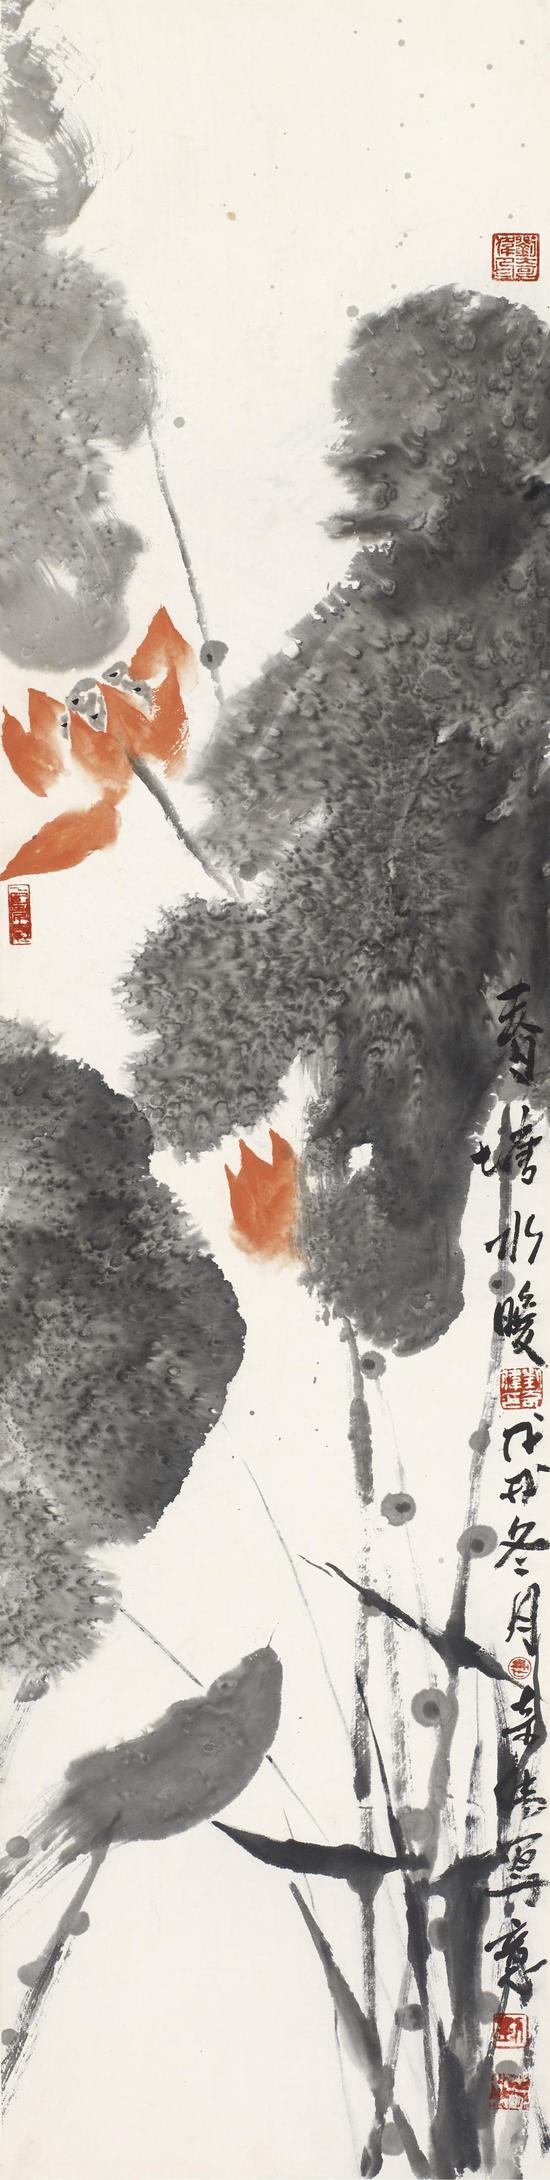 刘奇伟 春塘水暖 136x34cm